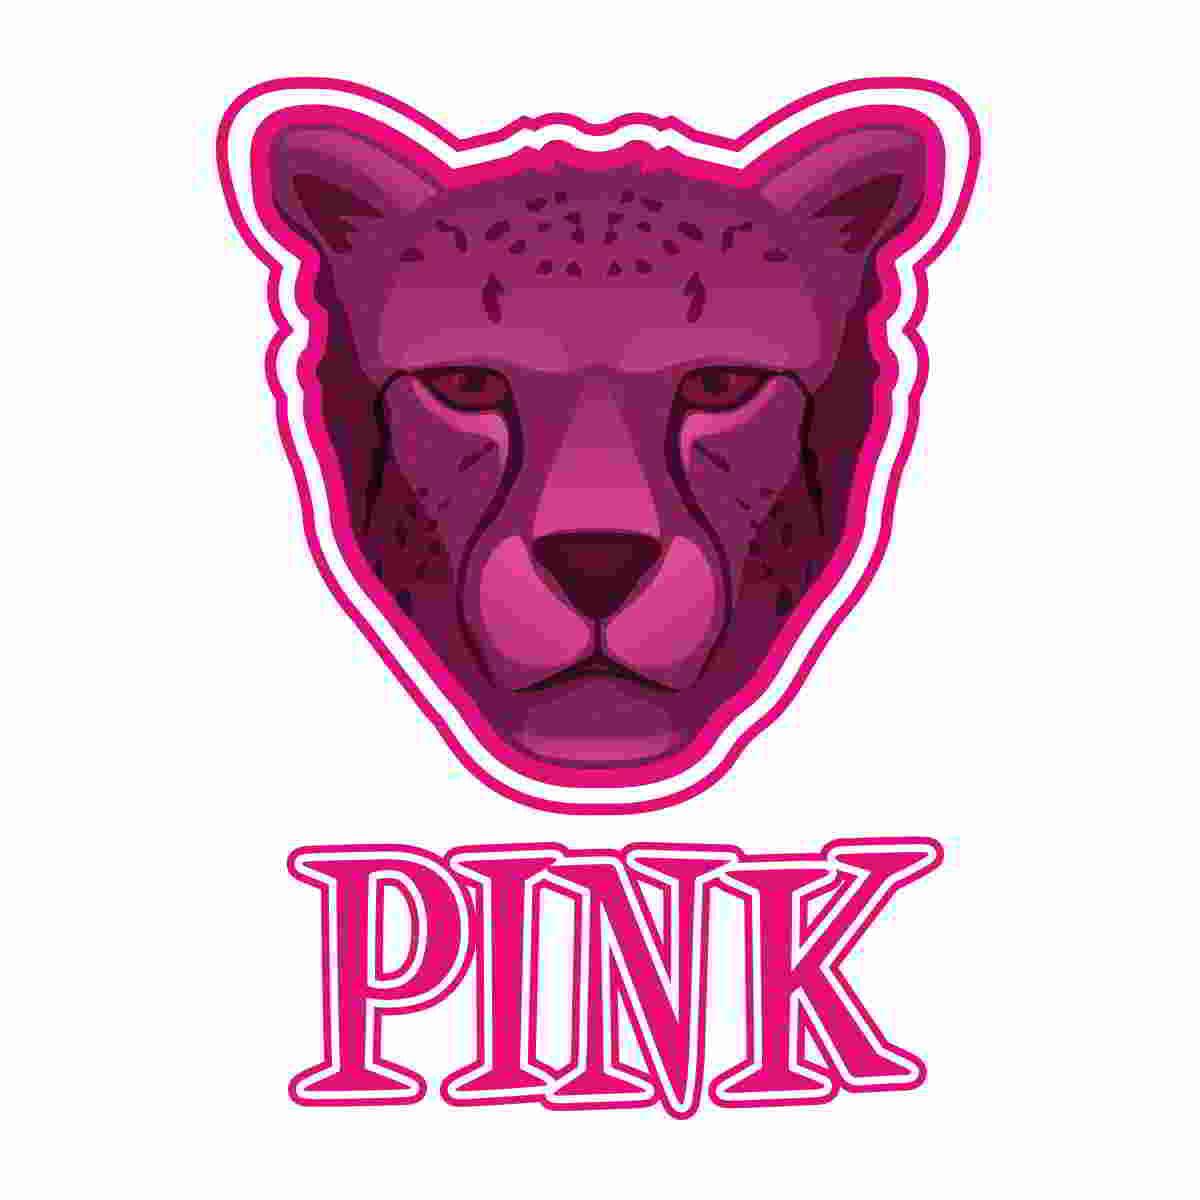 pink_series_kopf